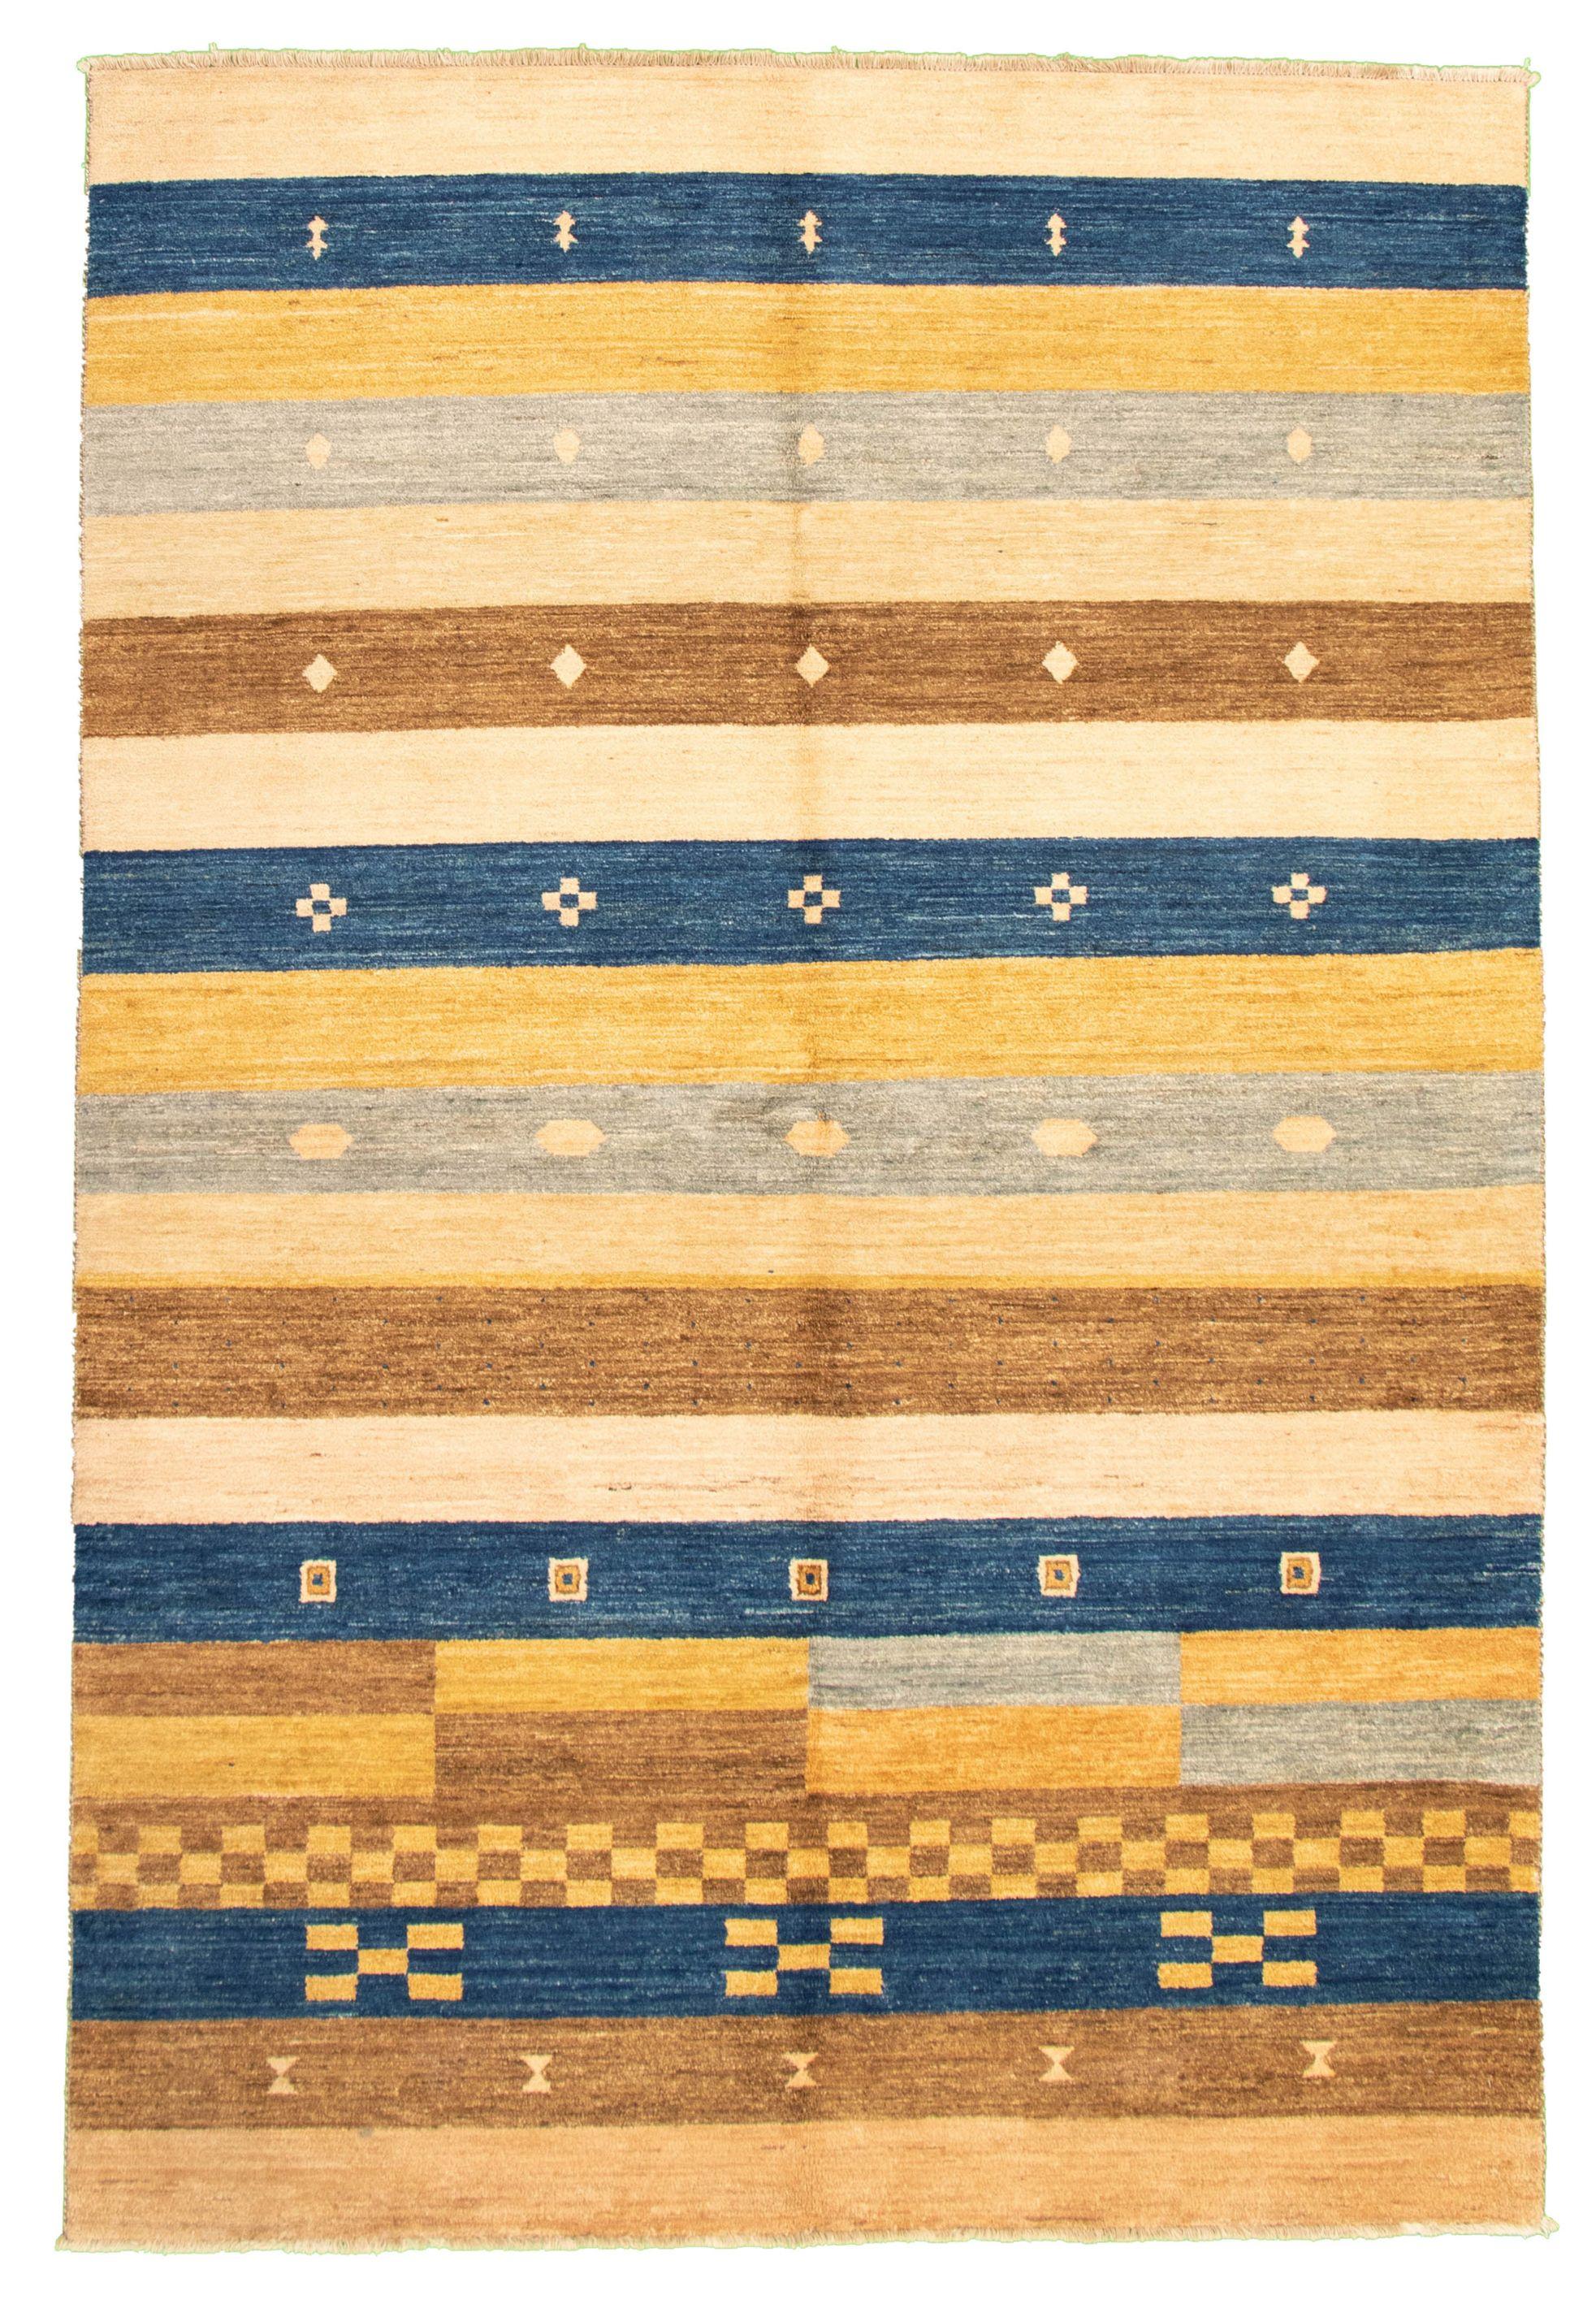 """Hand-knotted Peshawar Ziegler Beige, Navy Blue Wool Rug 6'5"""" x 9'7"""" Size: 6'5"""" x 9'7"""""""